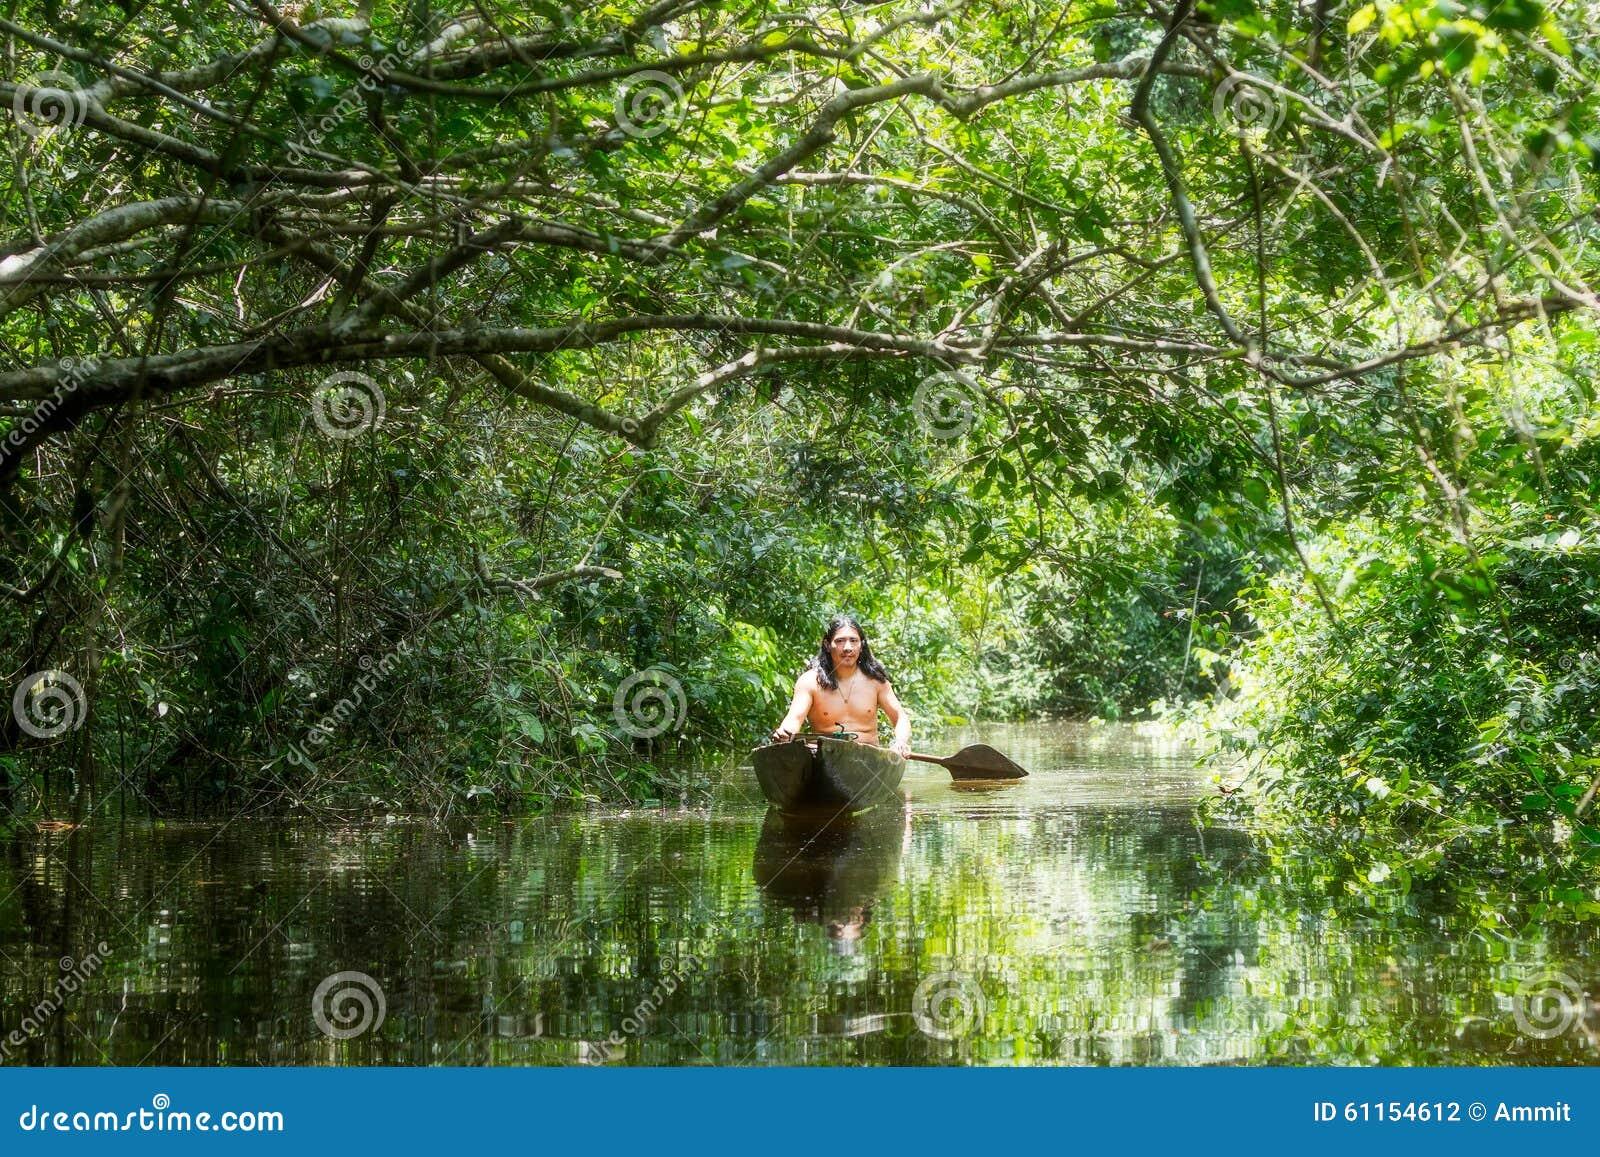 Einheimischer Mann mit Kanu in Amazonas-Becken